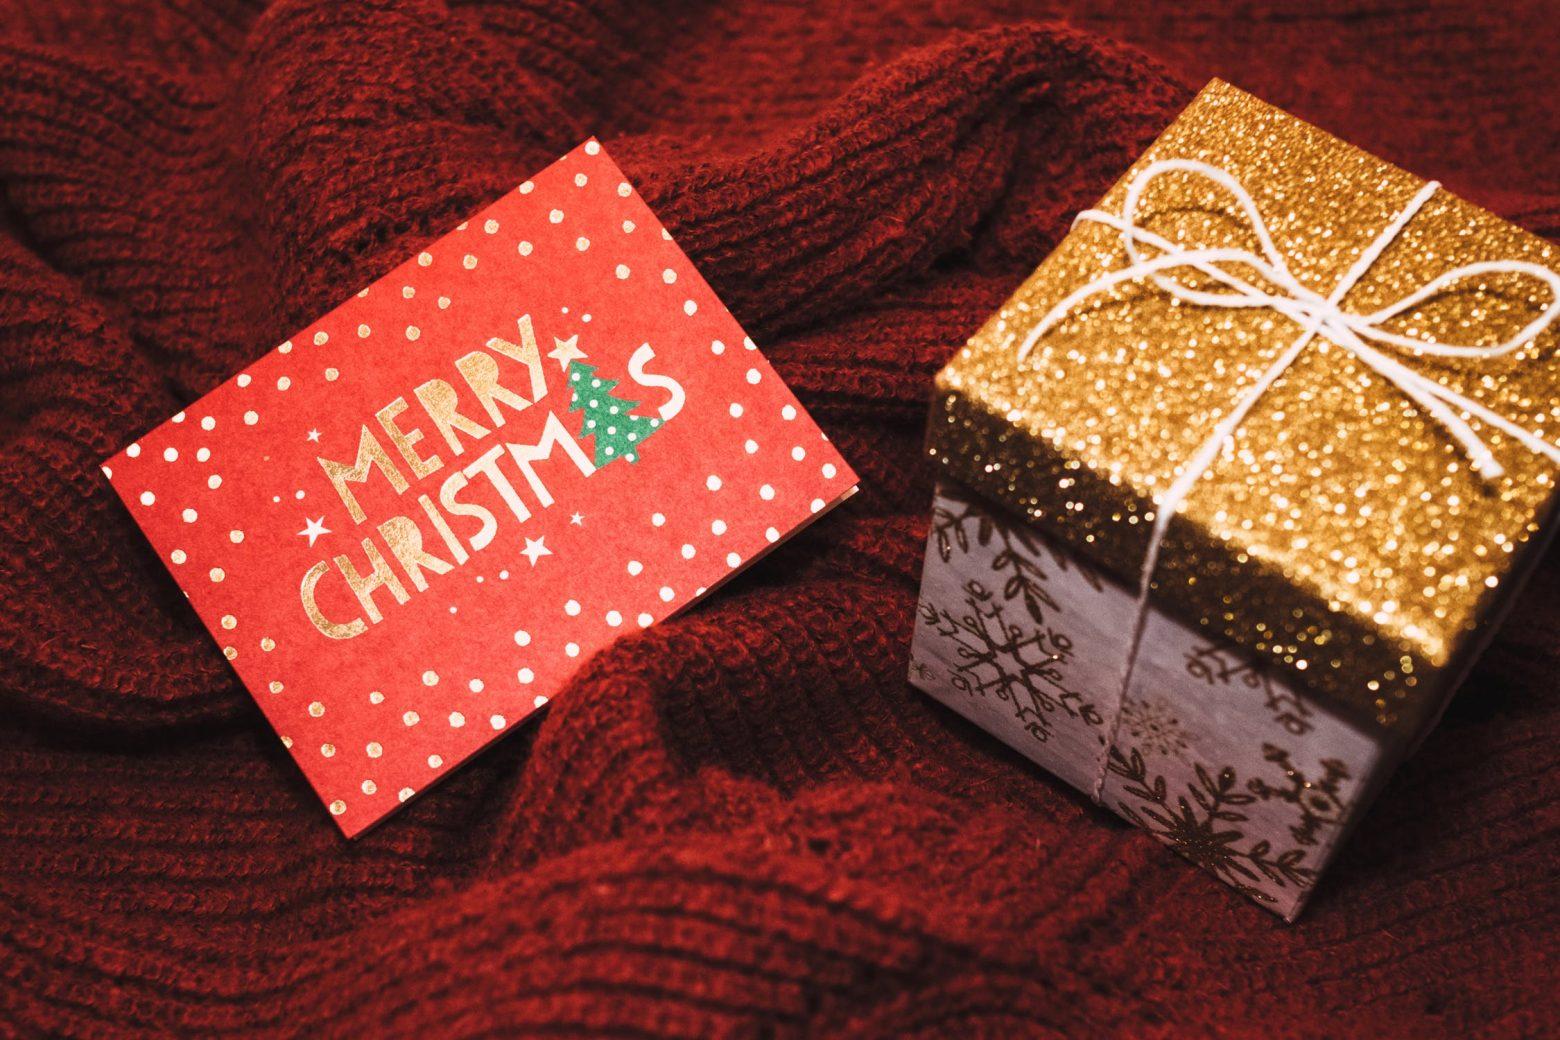 Verspreid je zakelijke kerstwens met kerstkaarten